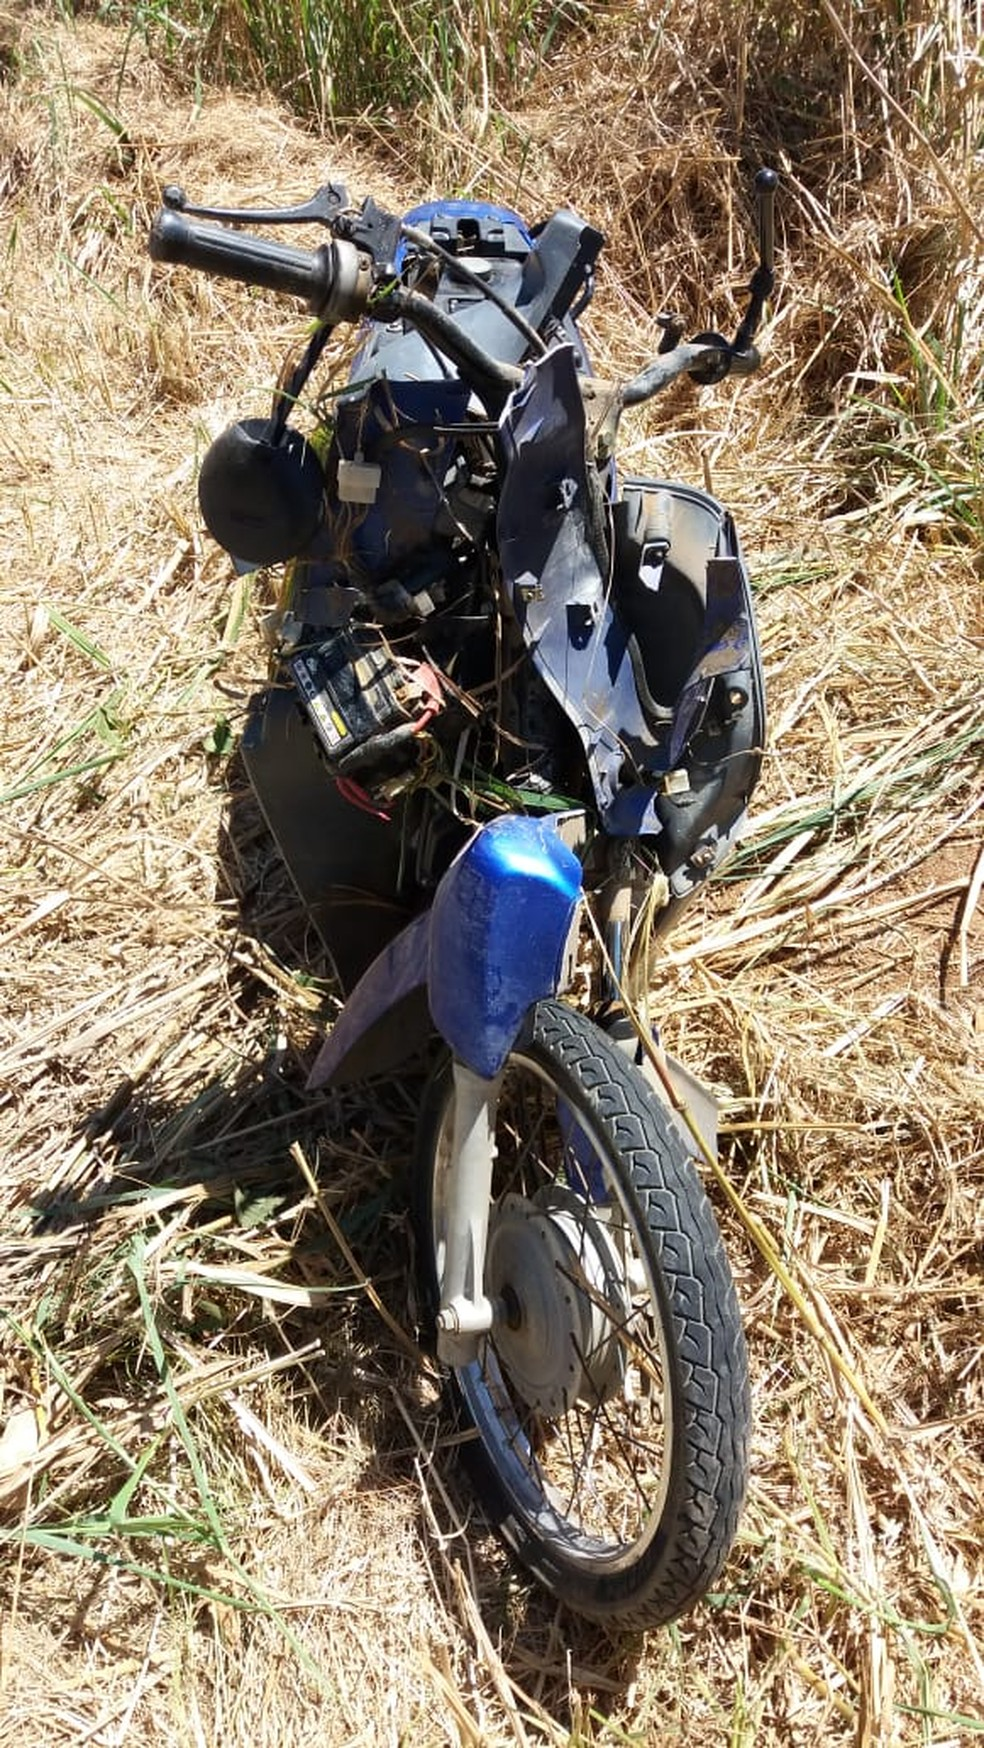 Motociclista voltava para Padre Paraíso quando sofreu acidente — Foto: PRF/Divulgação